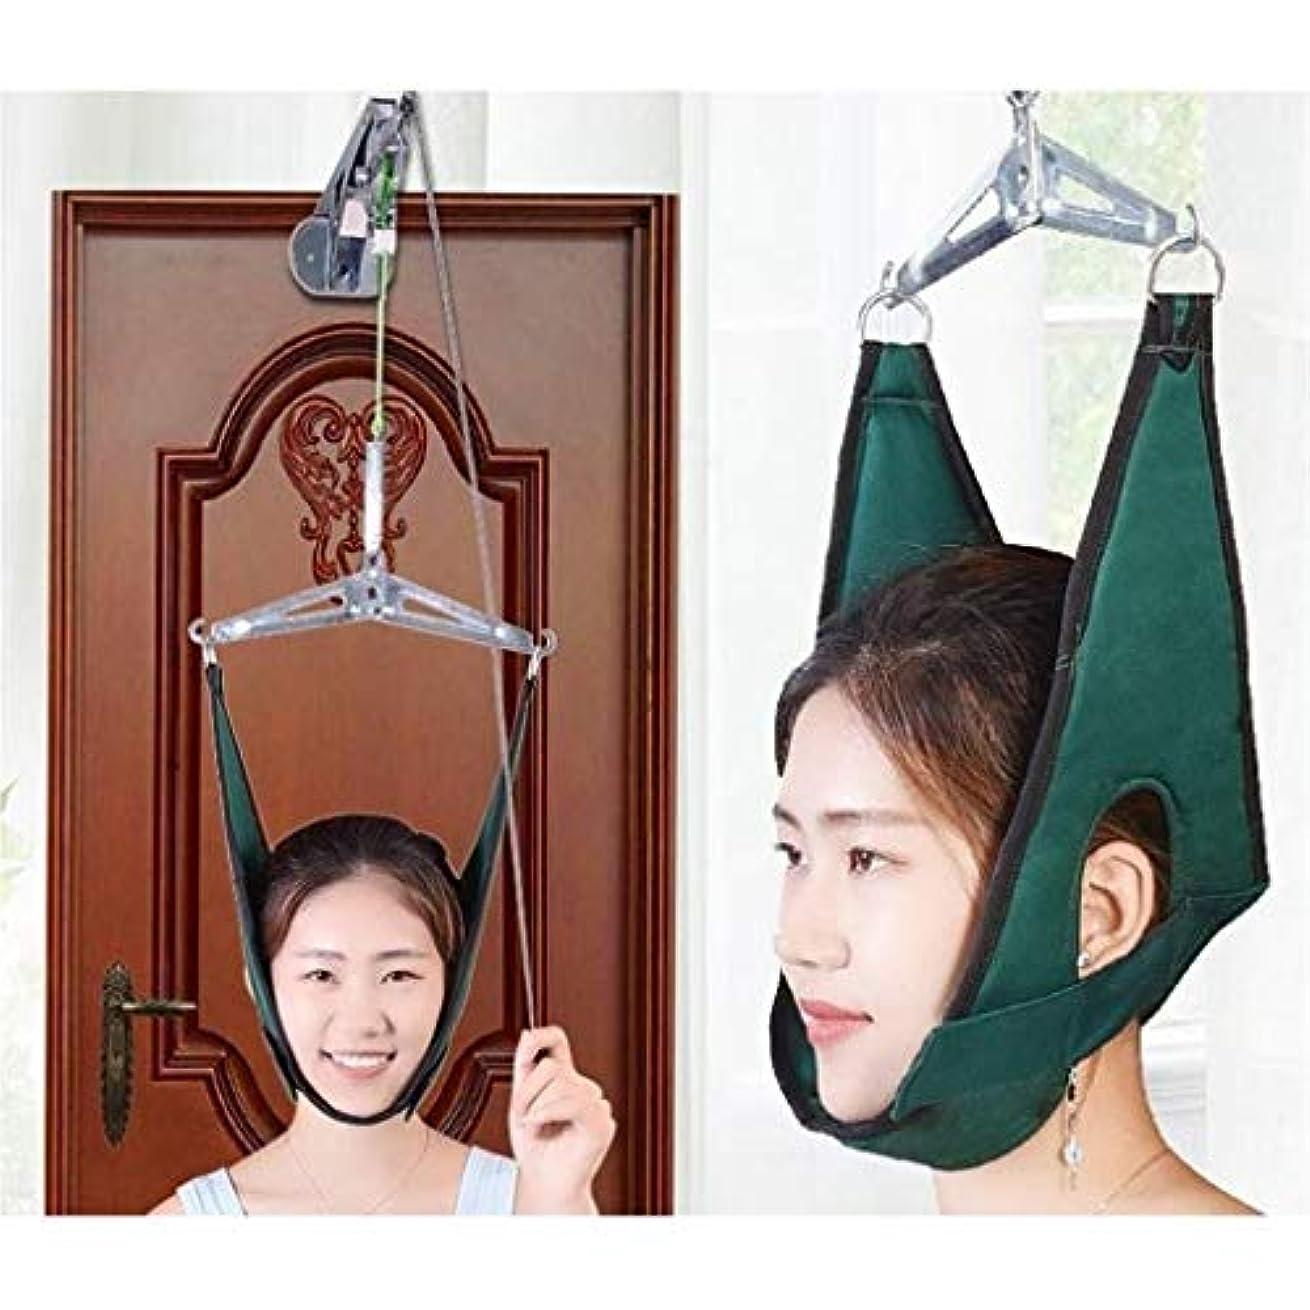 余韻平衡硬い頸部牽引装置、頸部頸部牽引装置、首マッサージ器、治療器具、歯列矯正用首の痛みの緩和